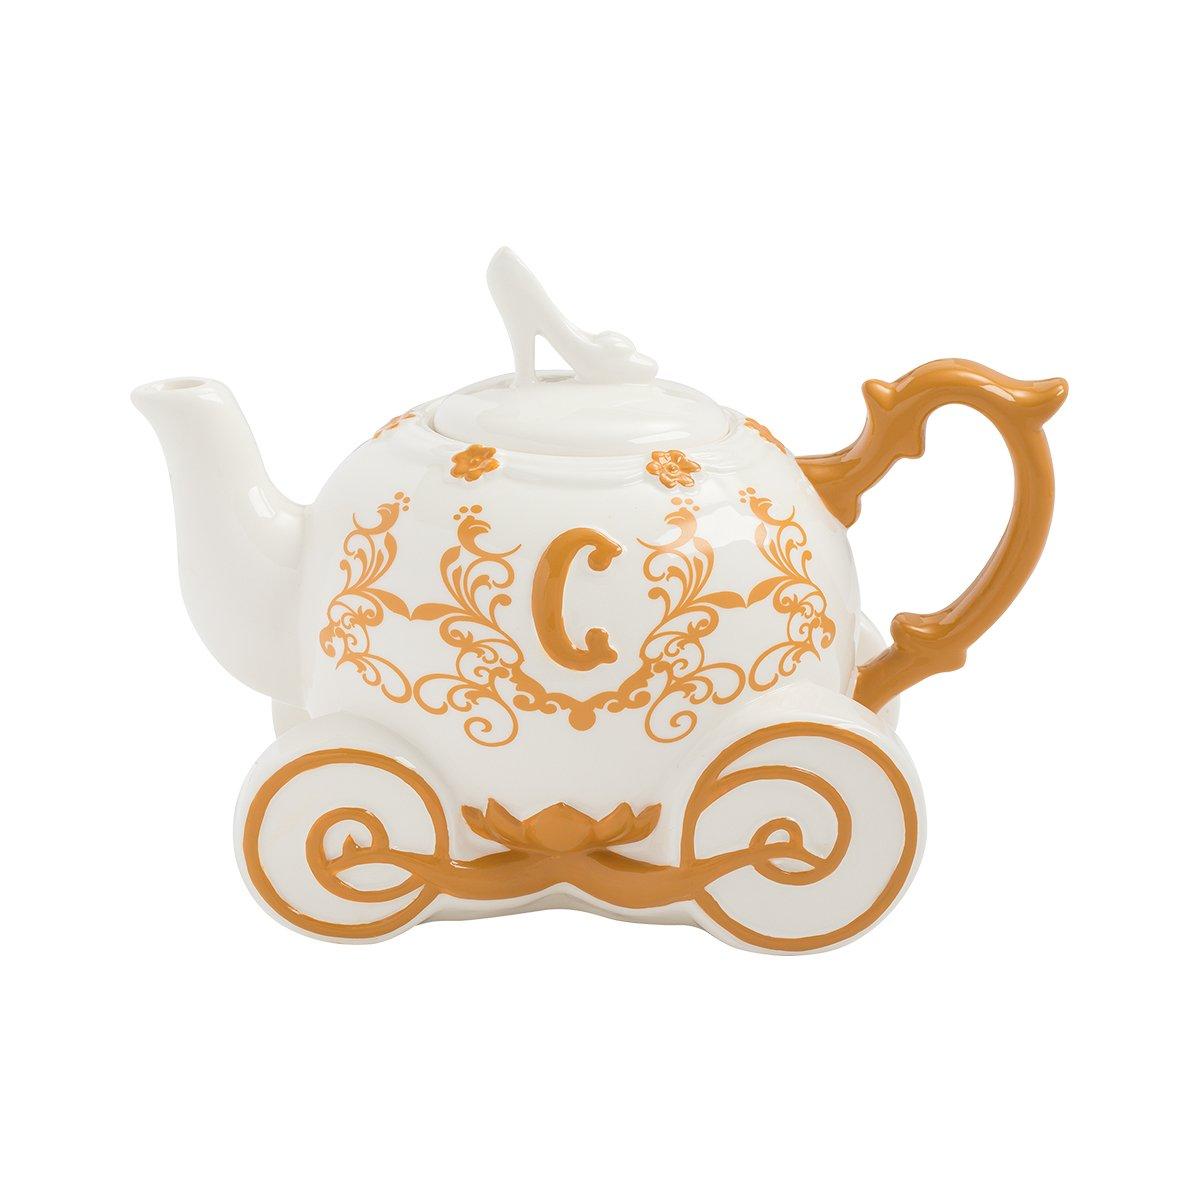 Vandor 90008 Disney Cinderella Carriage Sculpted Ceramic Teapot, Multicolored